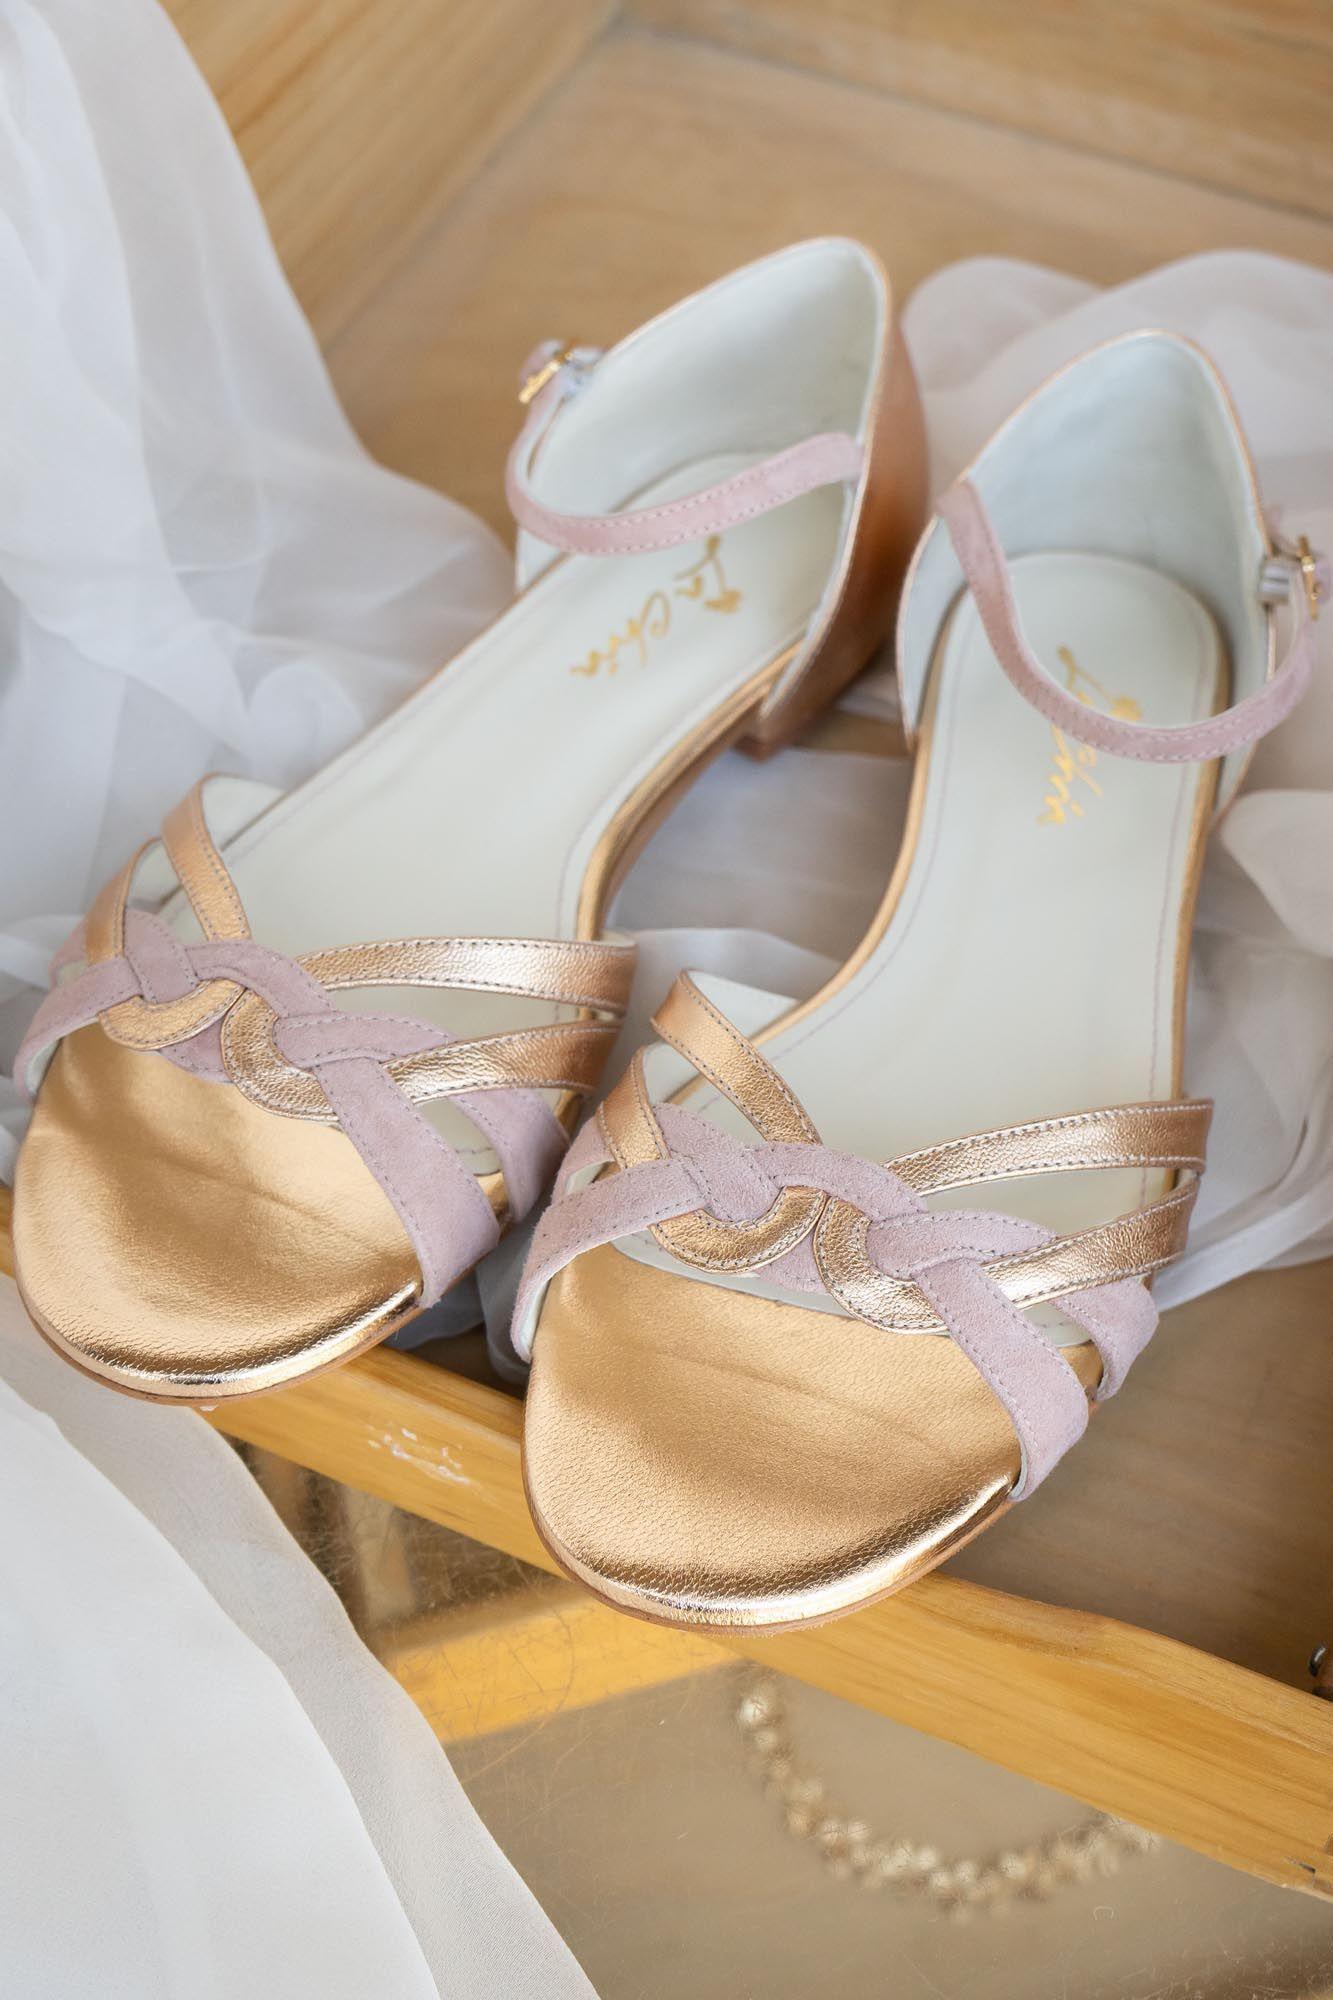 Brautschuh Flache Sandalette In Gold Und Altrosa Zur Hochzeit Athen In 2020 Brautschuhe Hochzeitsschuhe Braut Sandalen